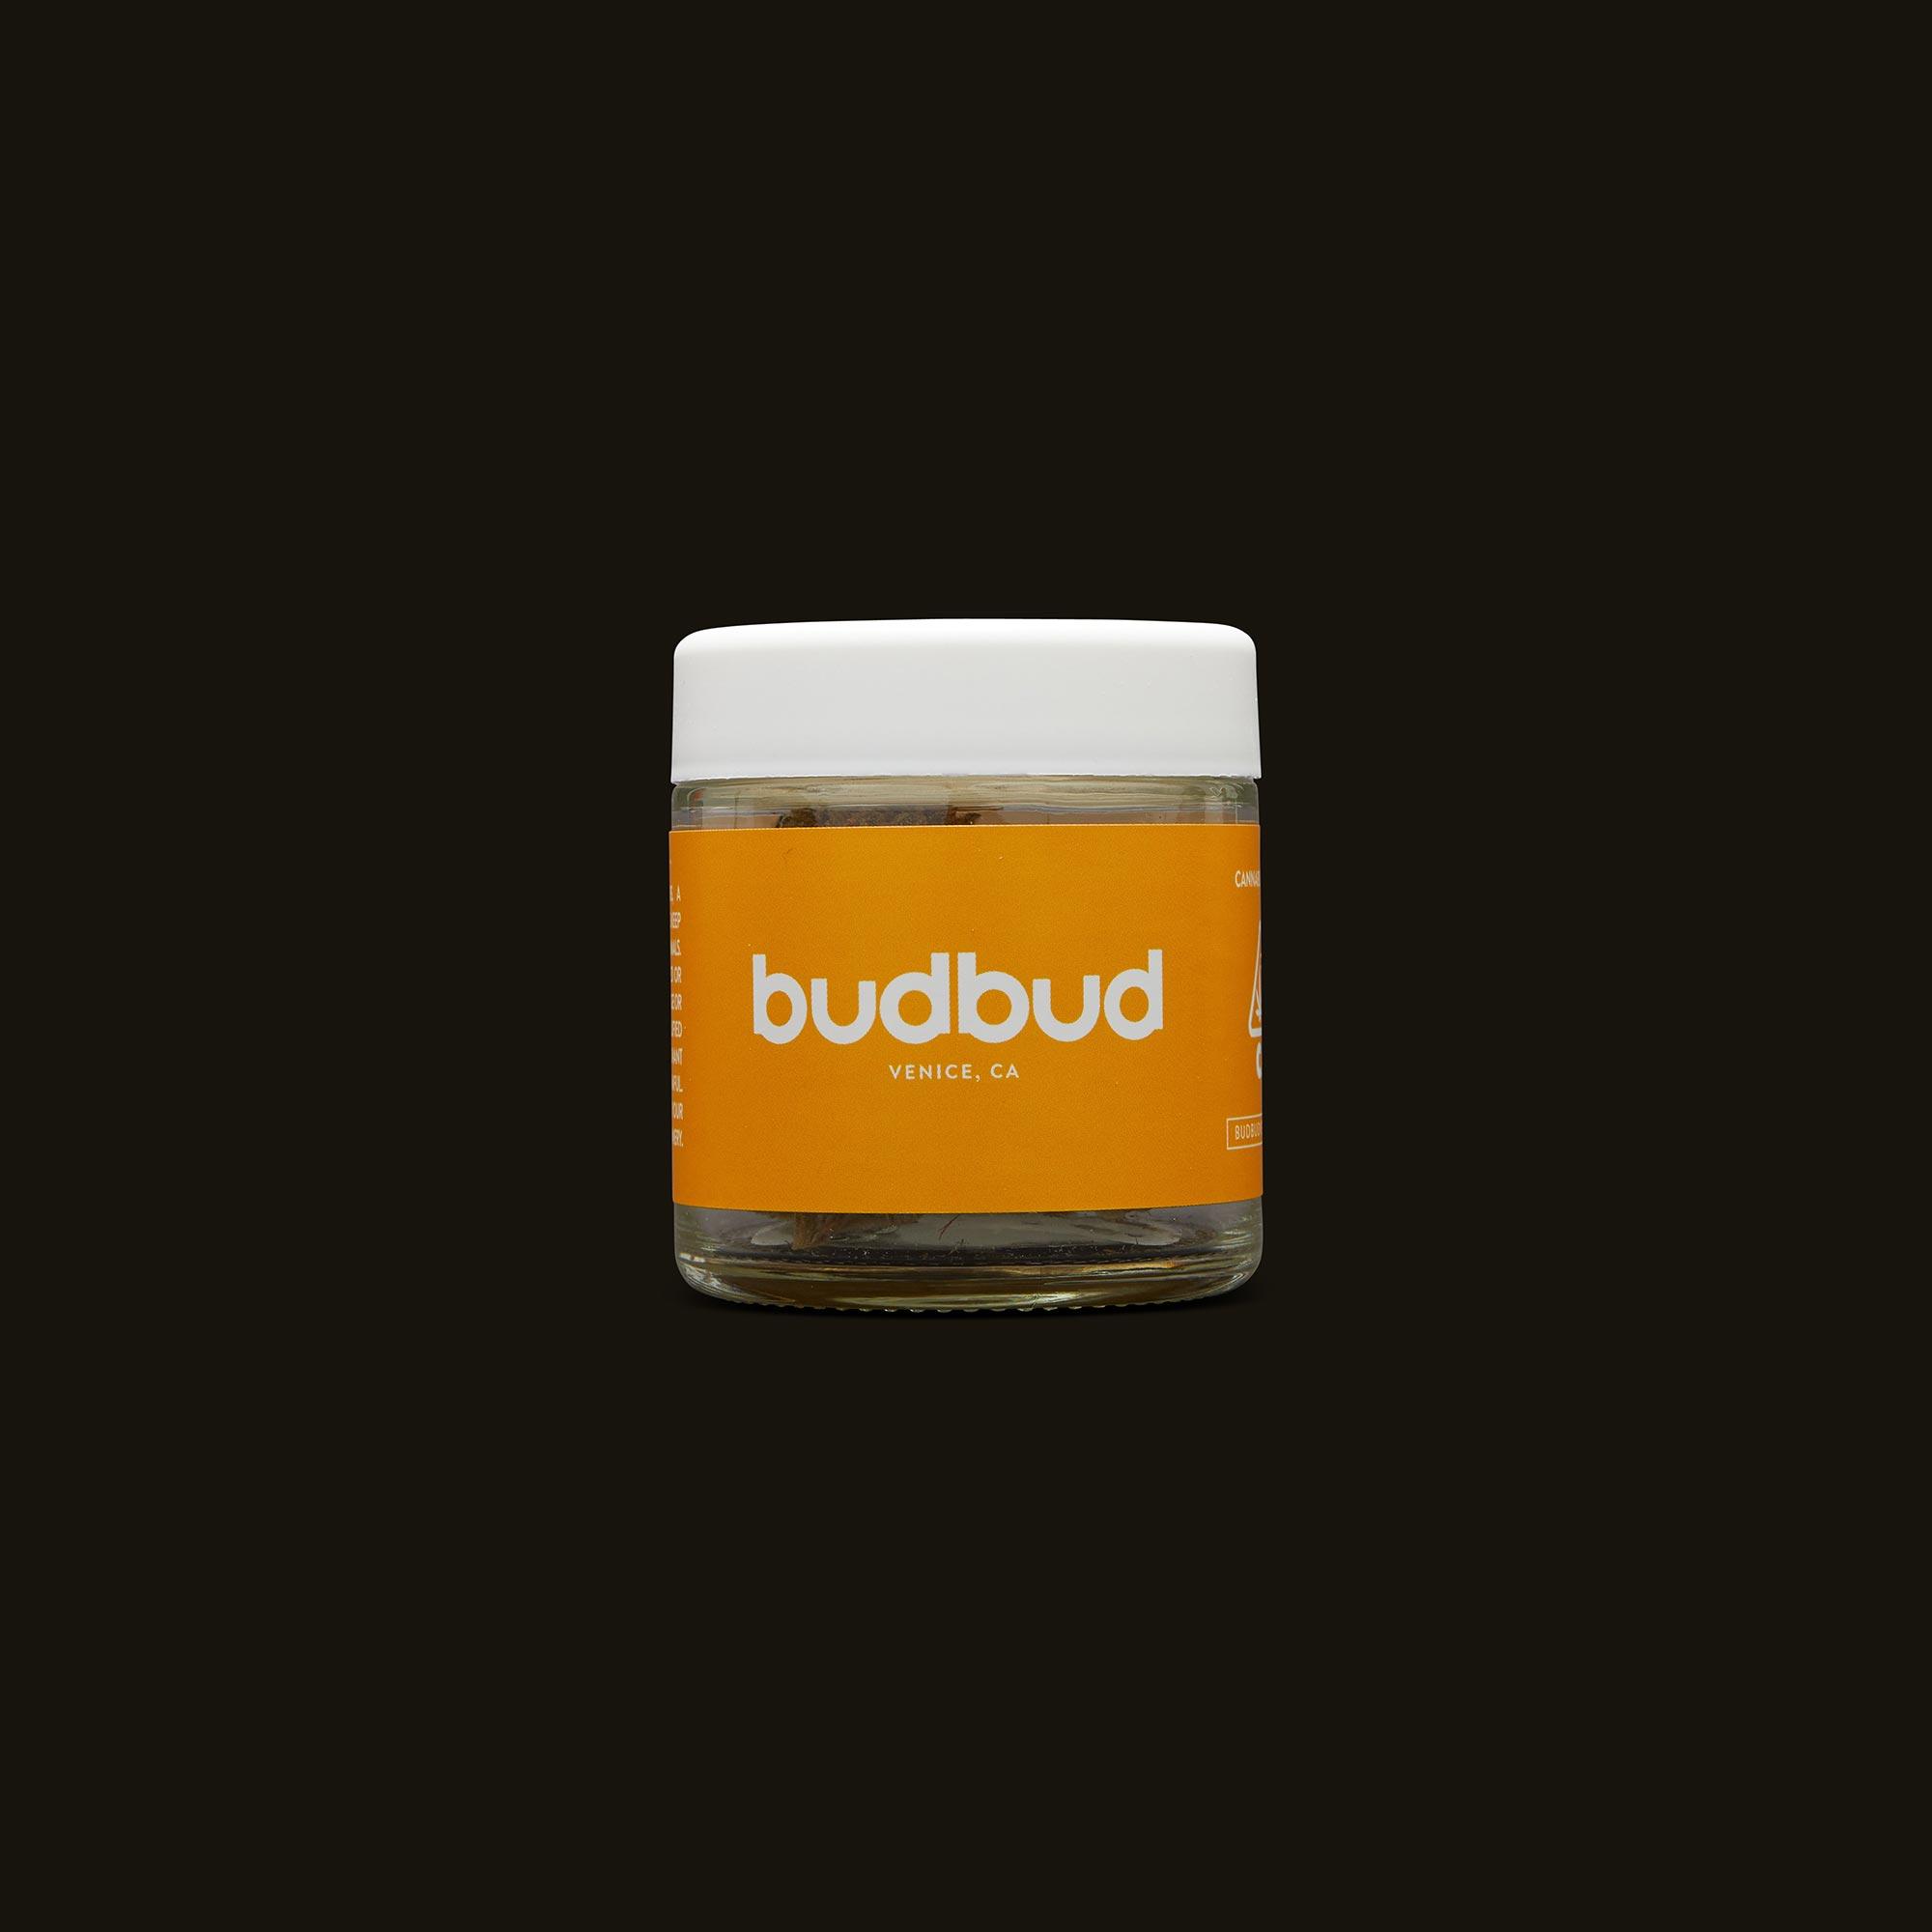 budbud Lamb's Bread Jar